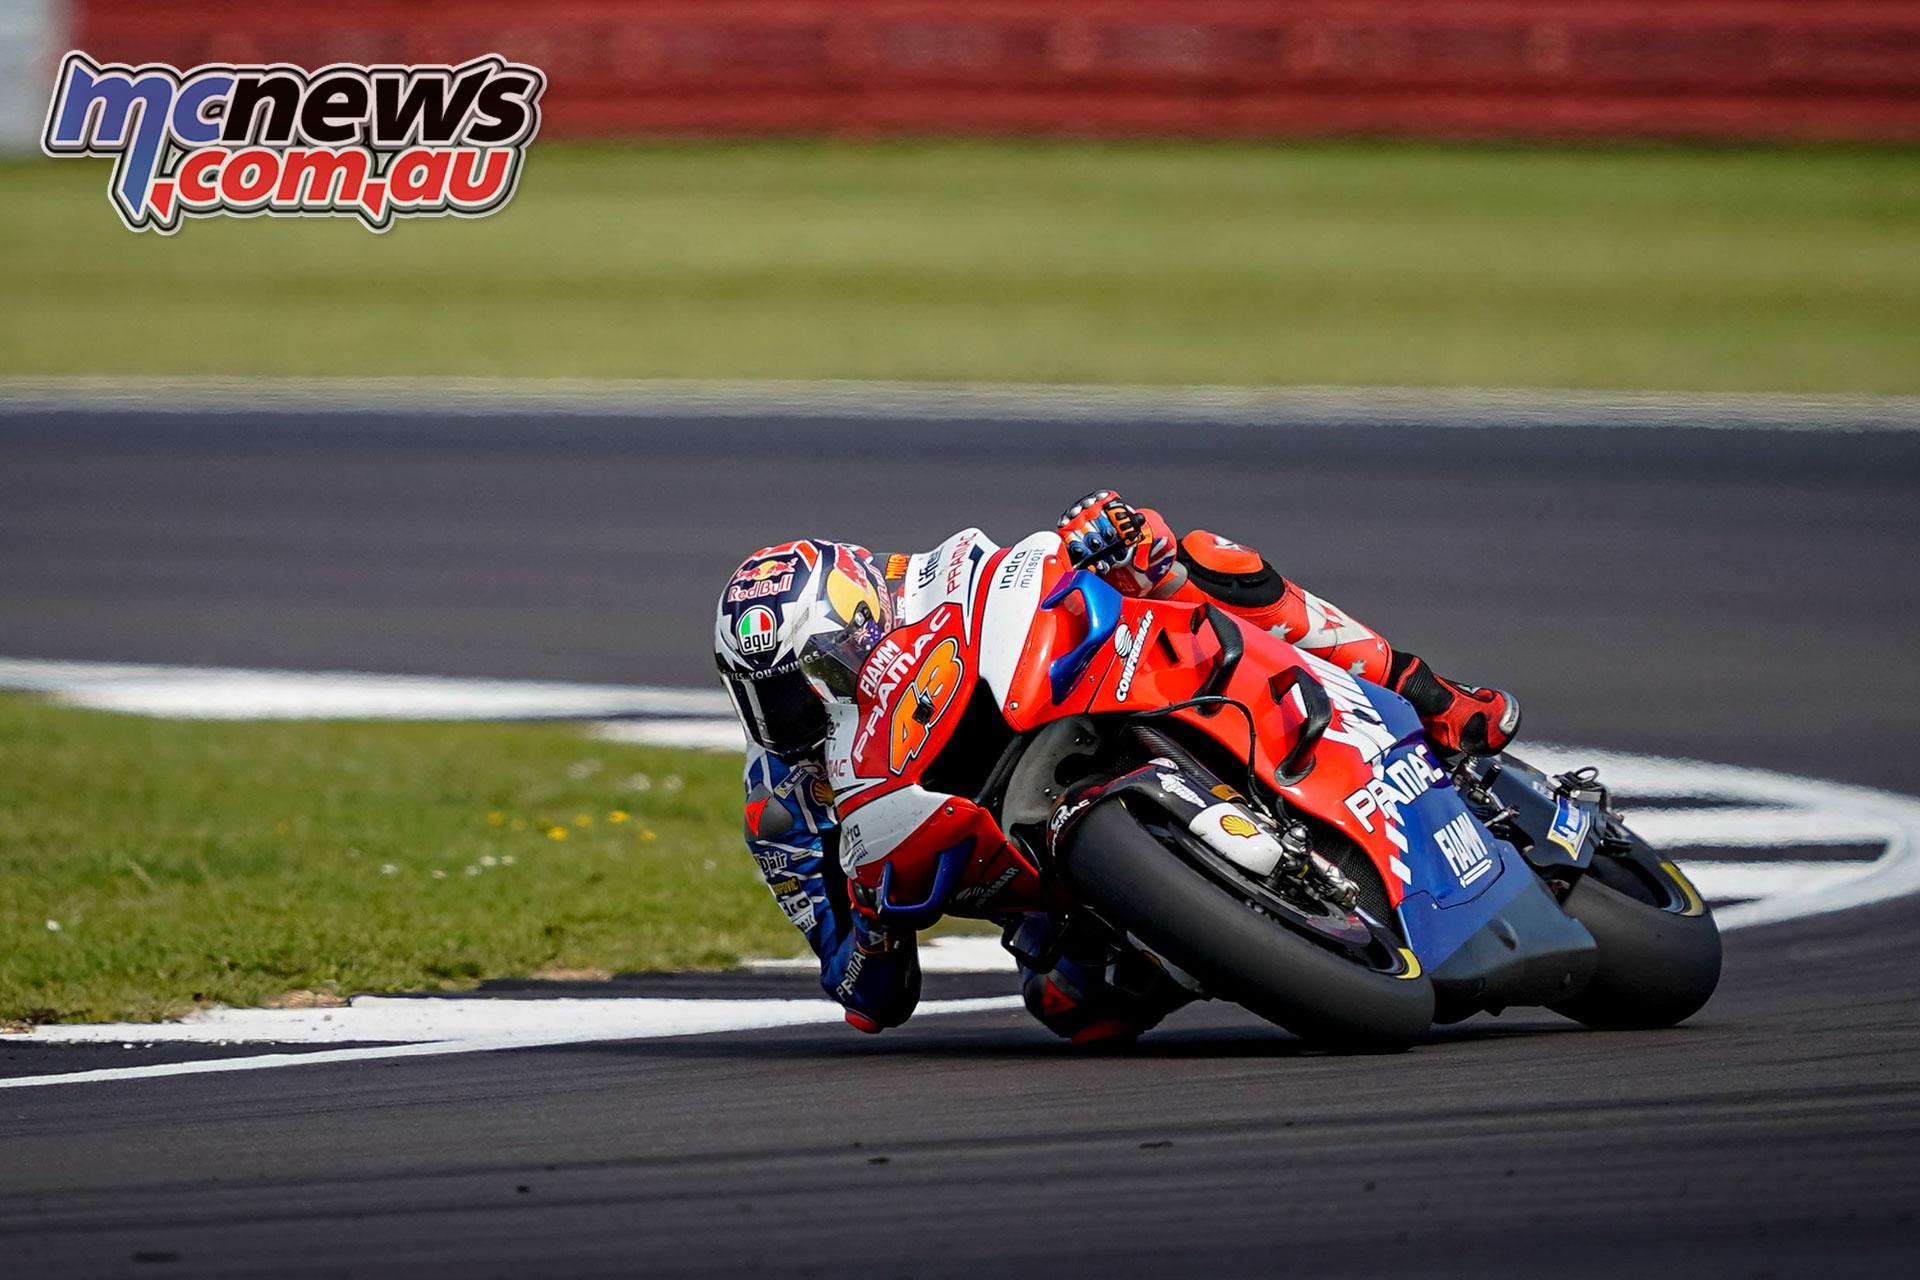 MotoGP Rnd Silverstone Jack Miller